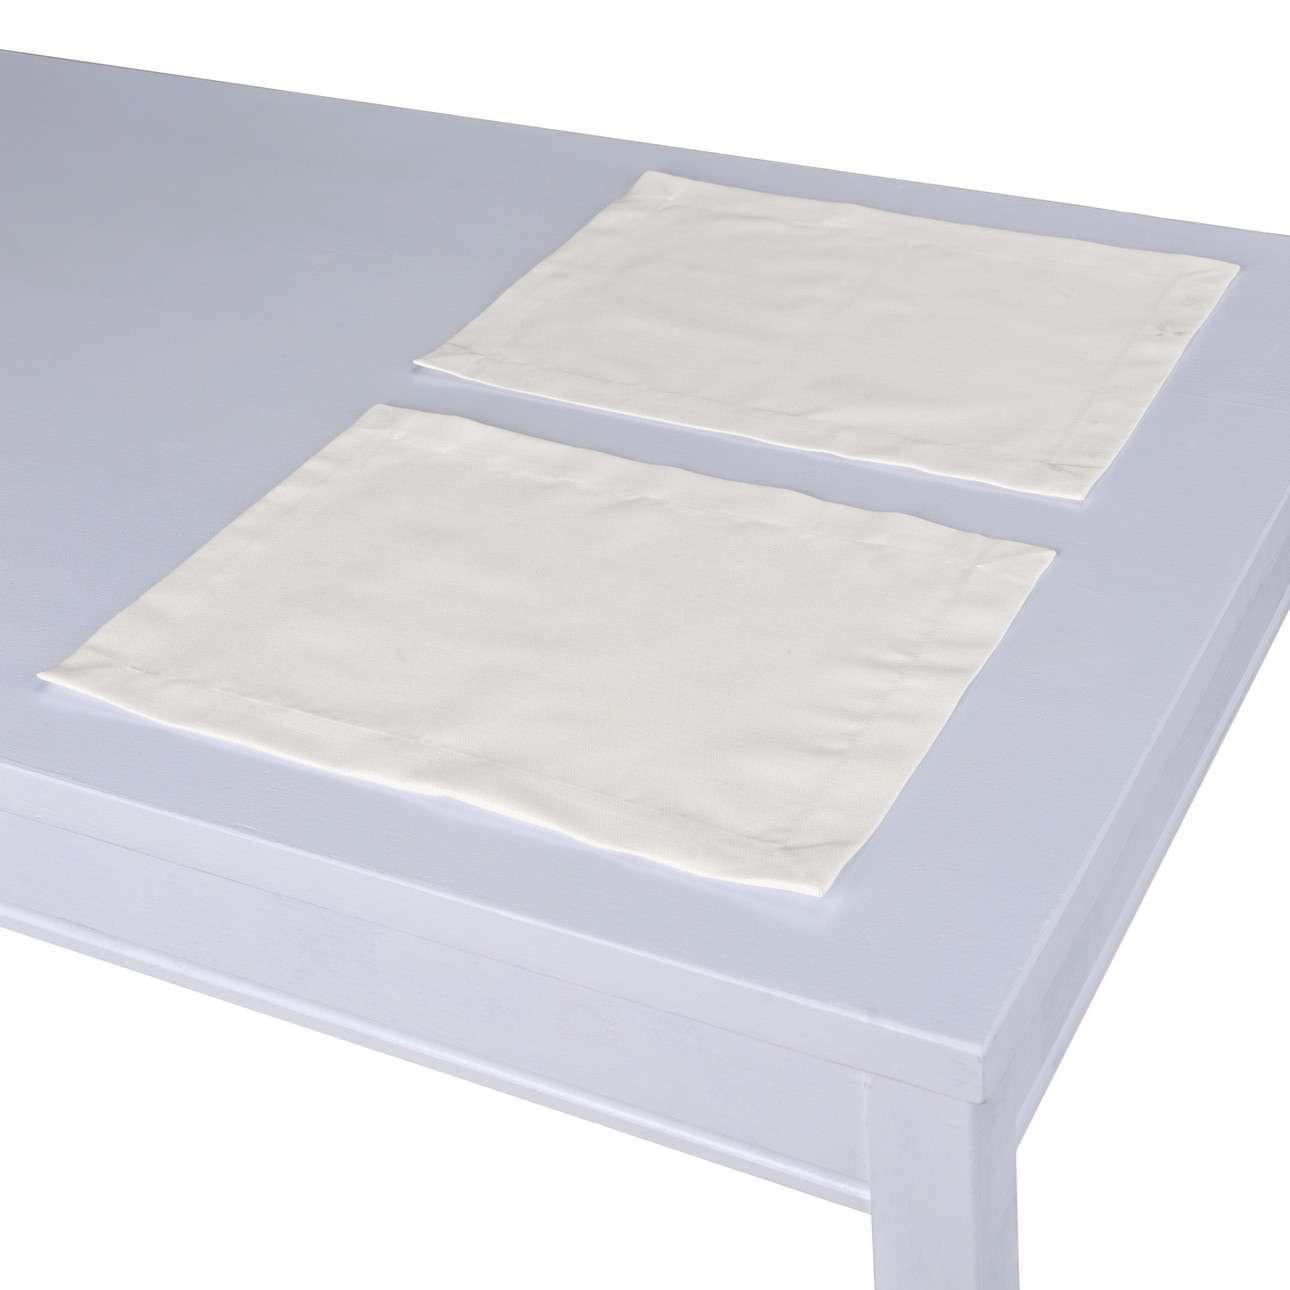 Stalo servetėlės/stalo padėkliukai – 2 vnt. 30 x 40 cm kolekcijoje Cotton Panama, audinys: 702-34